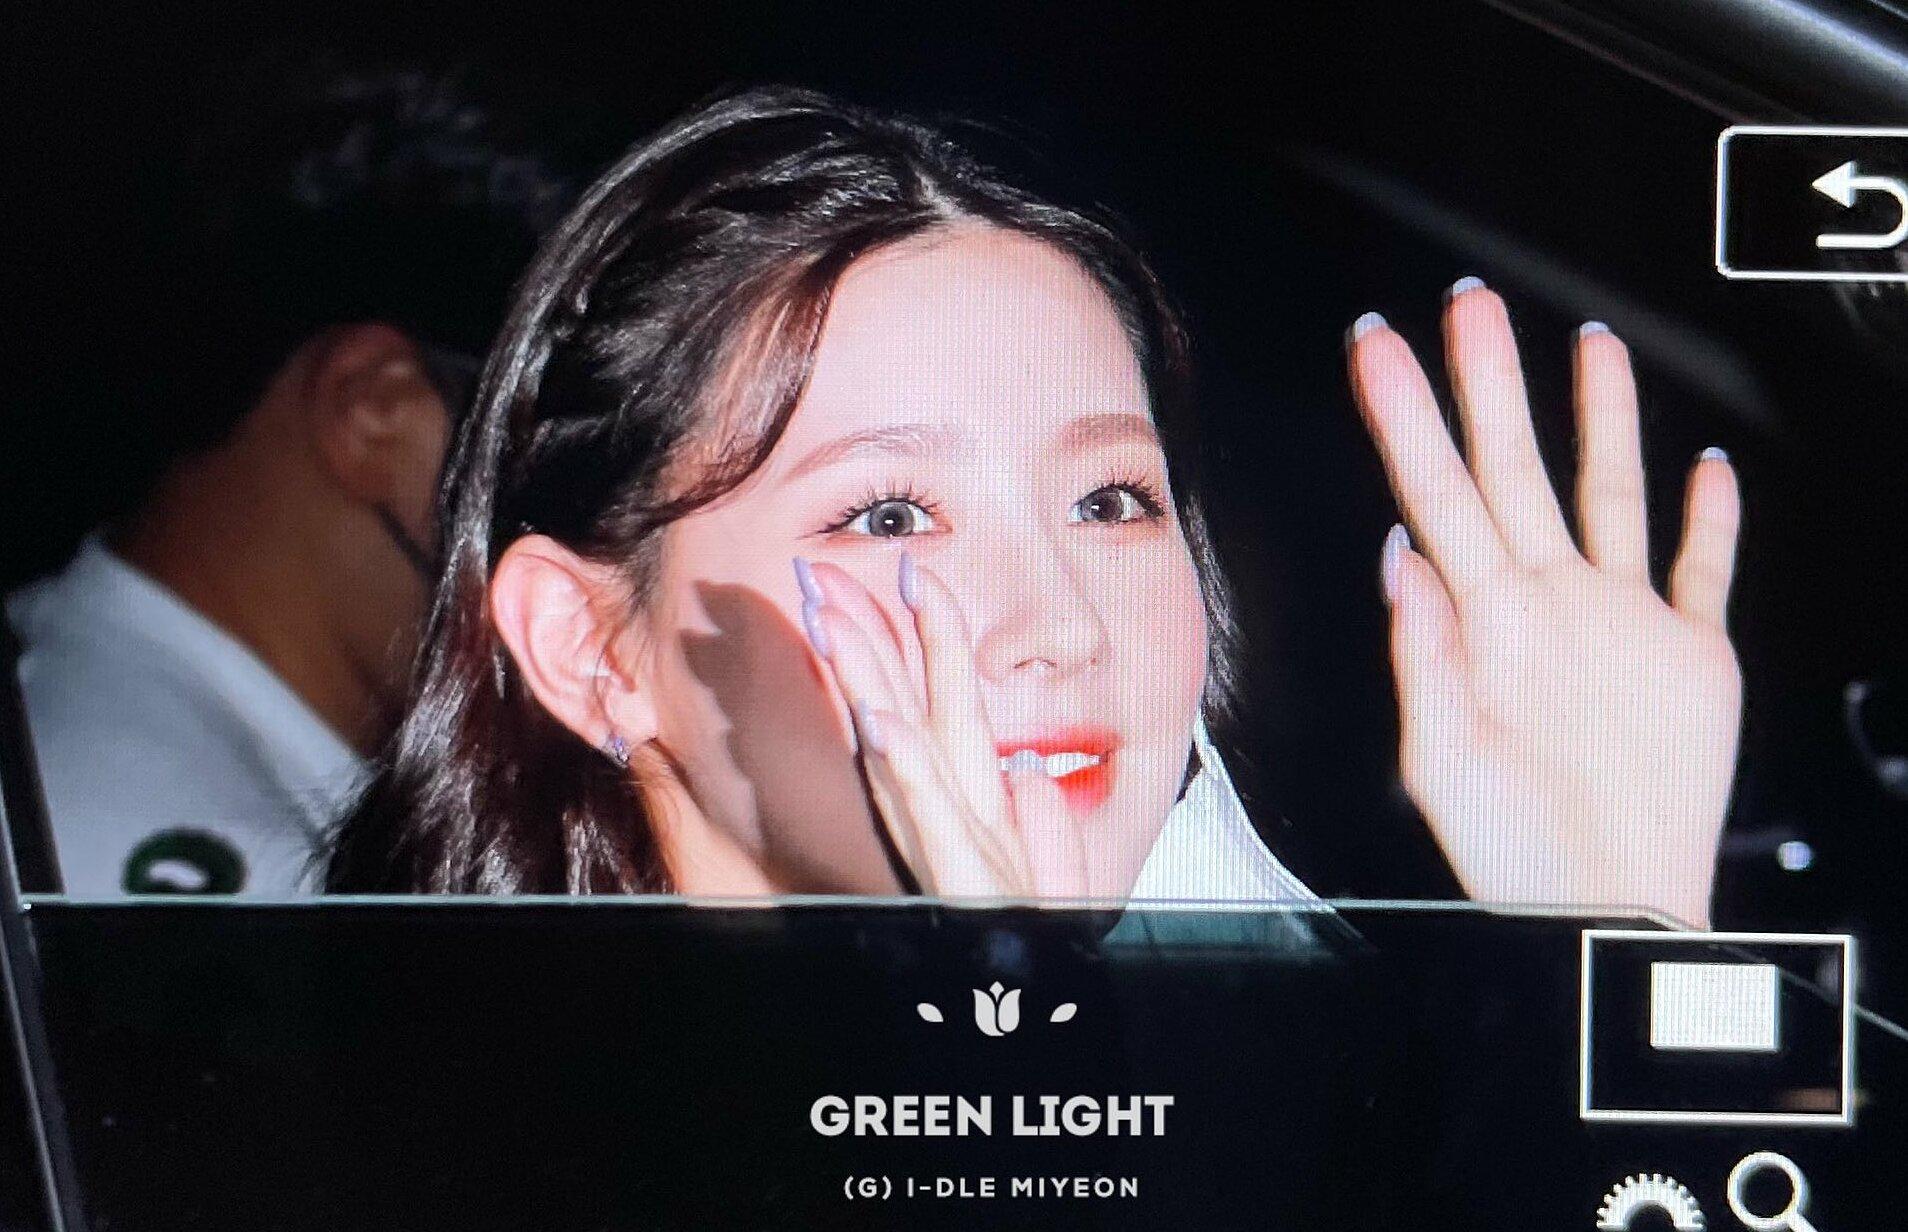 Khi vào xe ra về, Mi Yeon tháo khẩu trang để fan có thể nhìn rõ mặt.